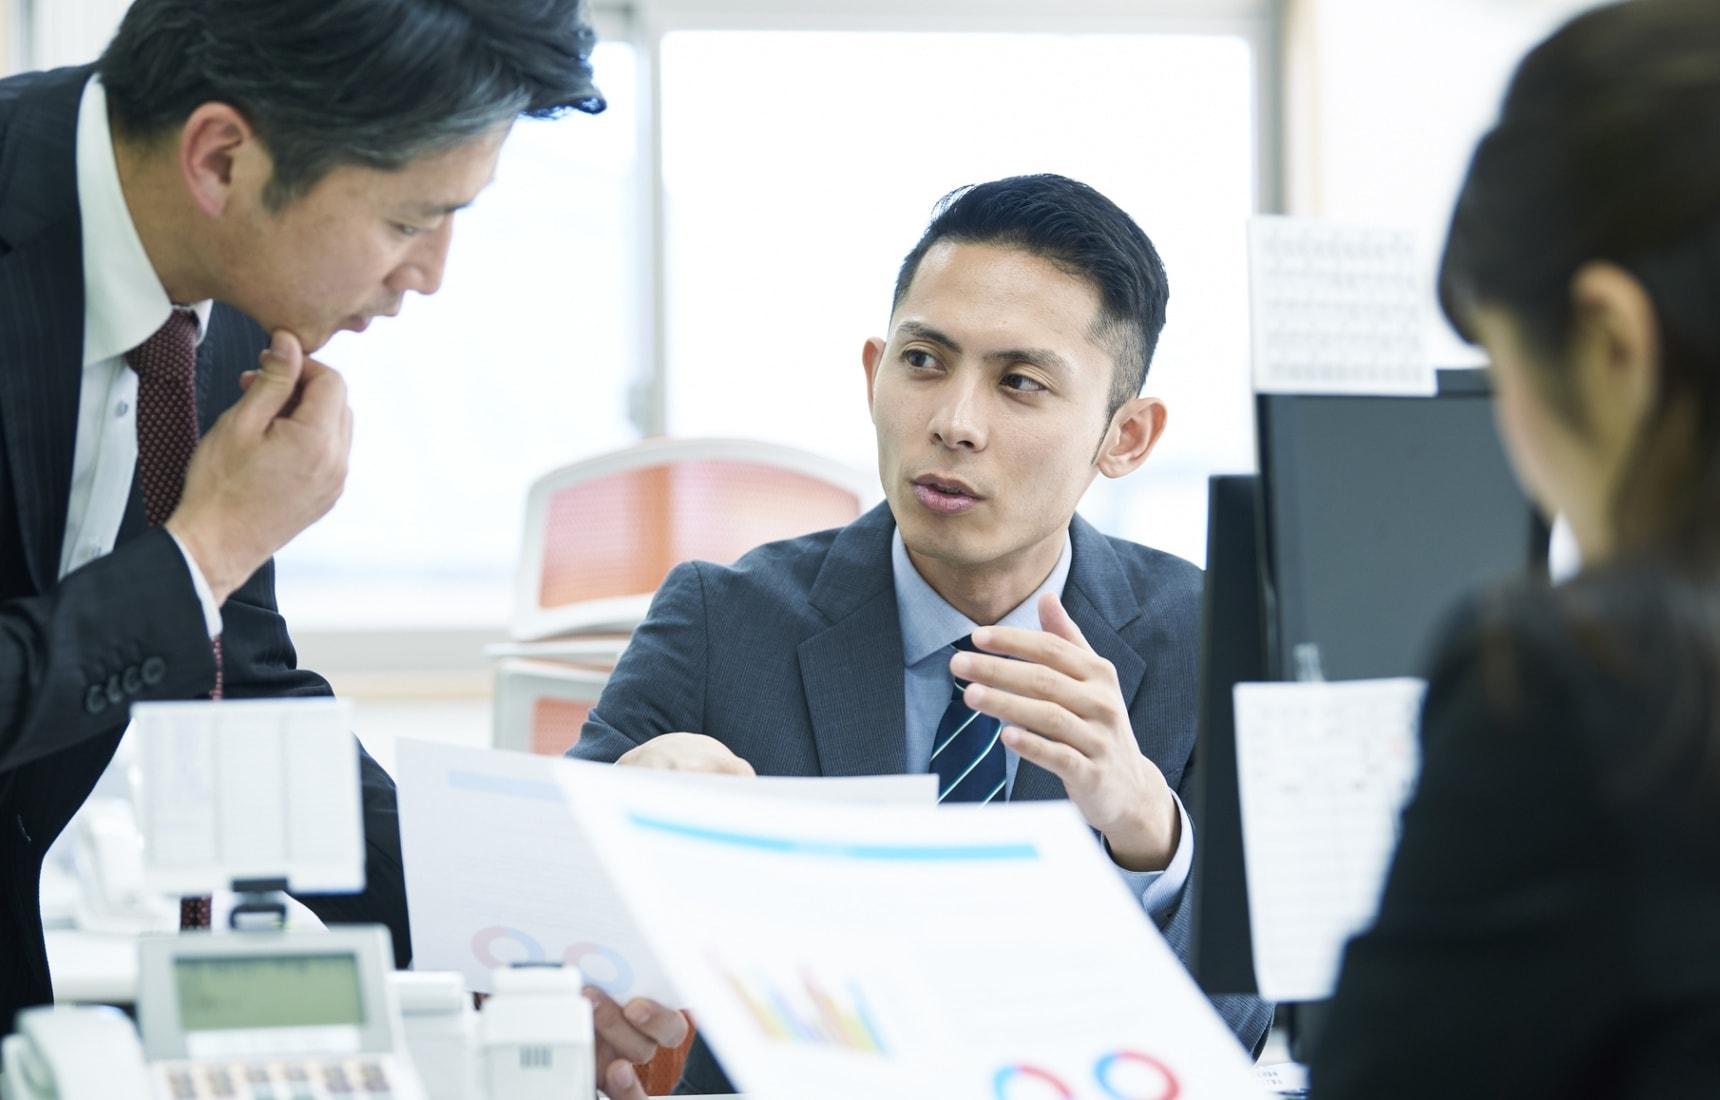 เทคนิคการตลาดแบบได้ใจสไตล์ญี่ปุ่น